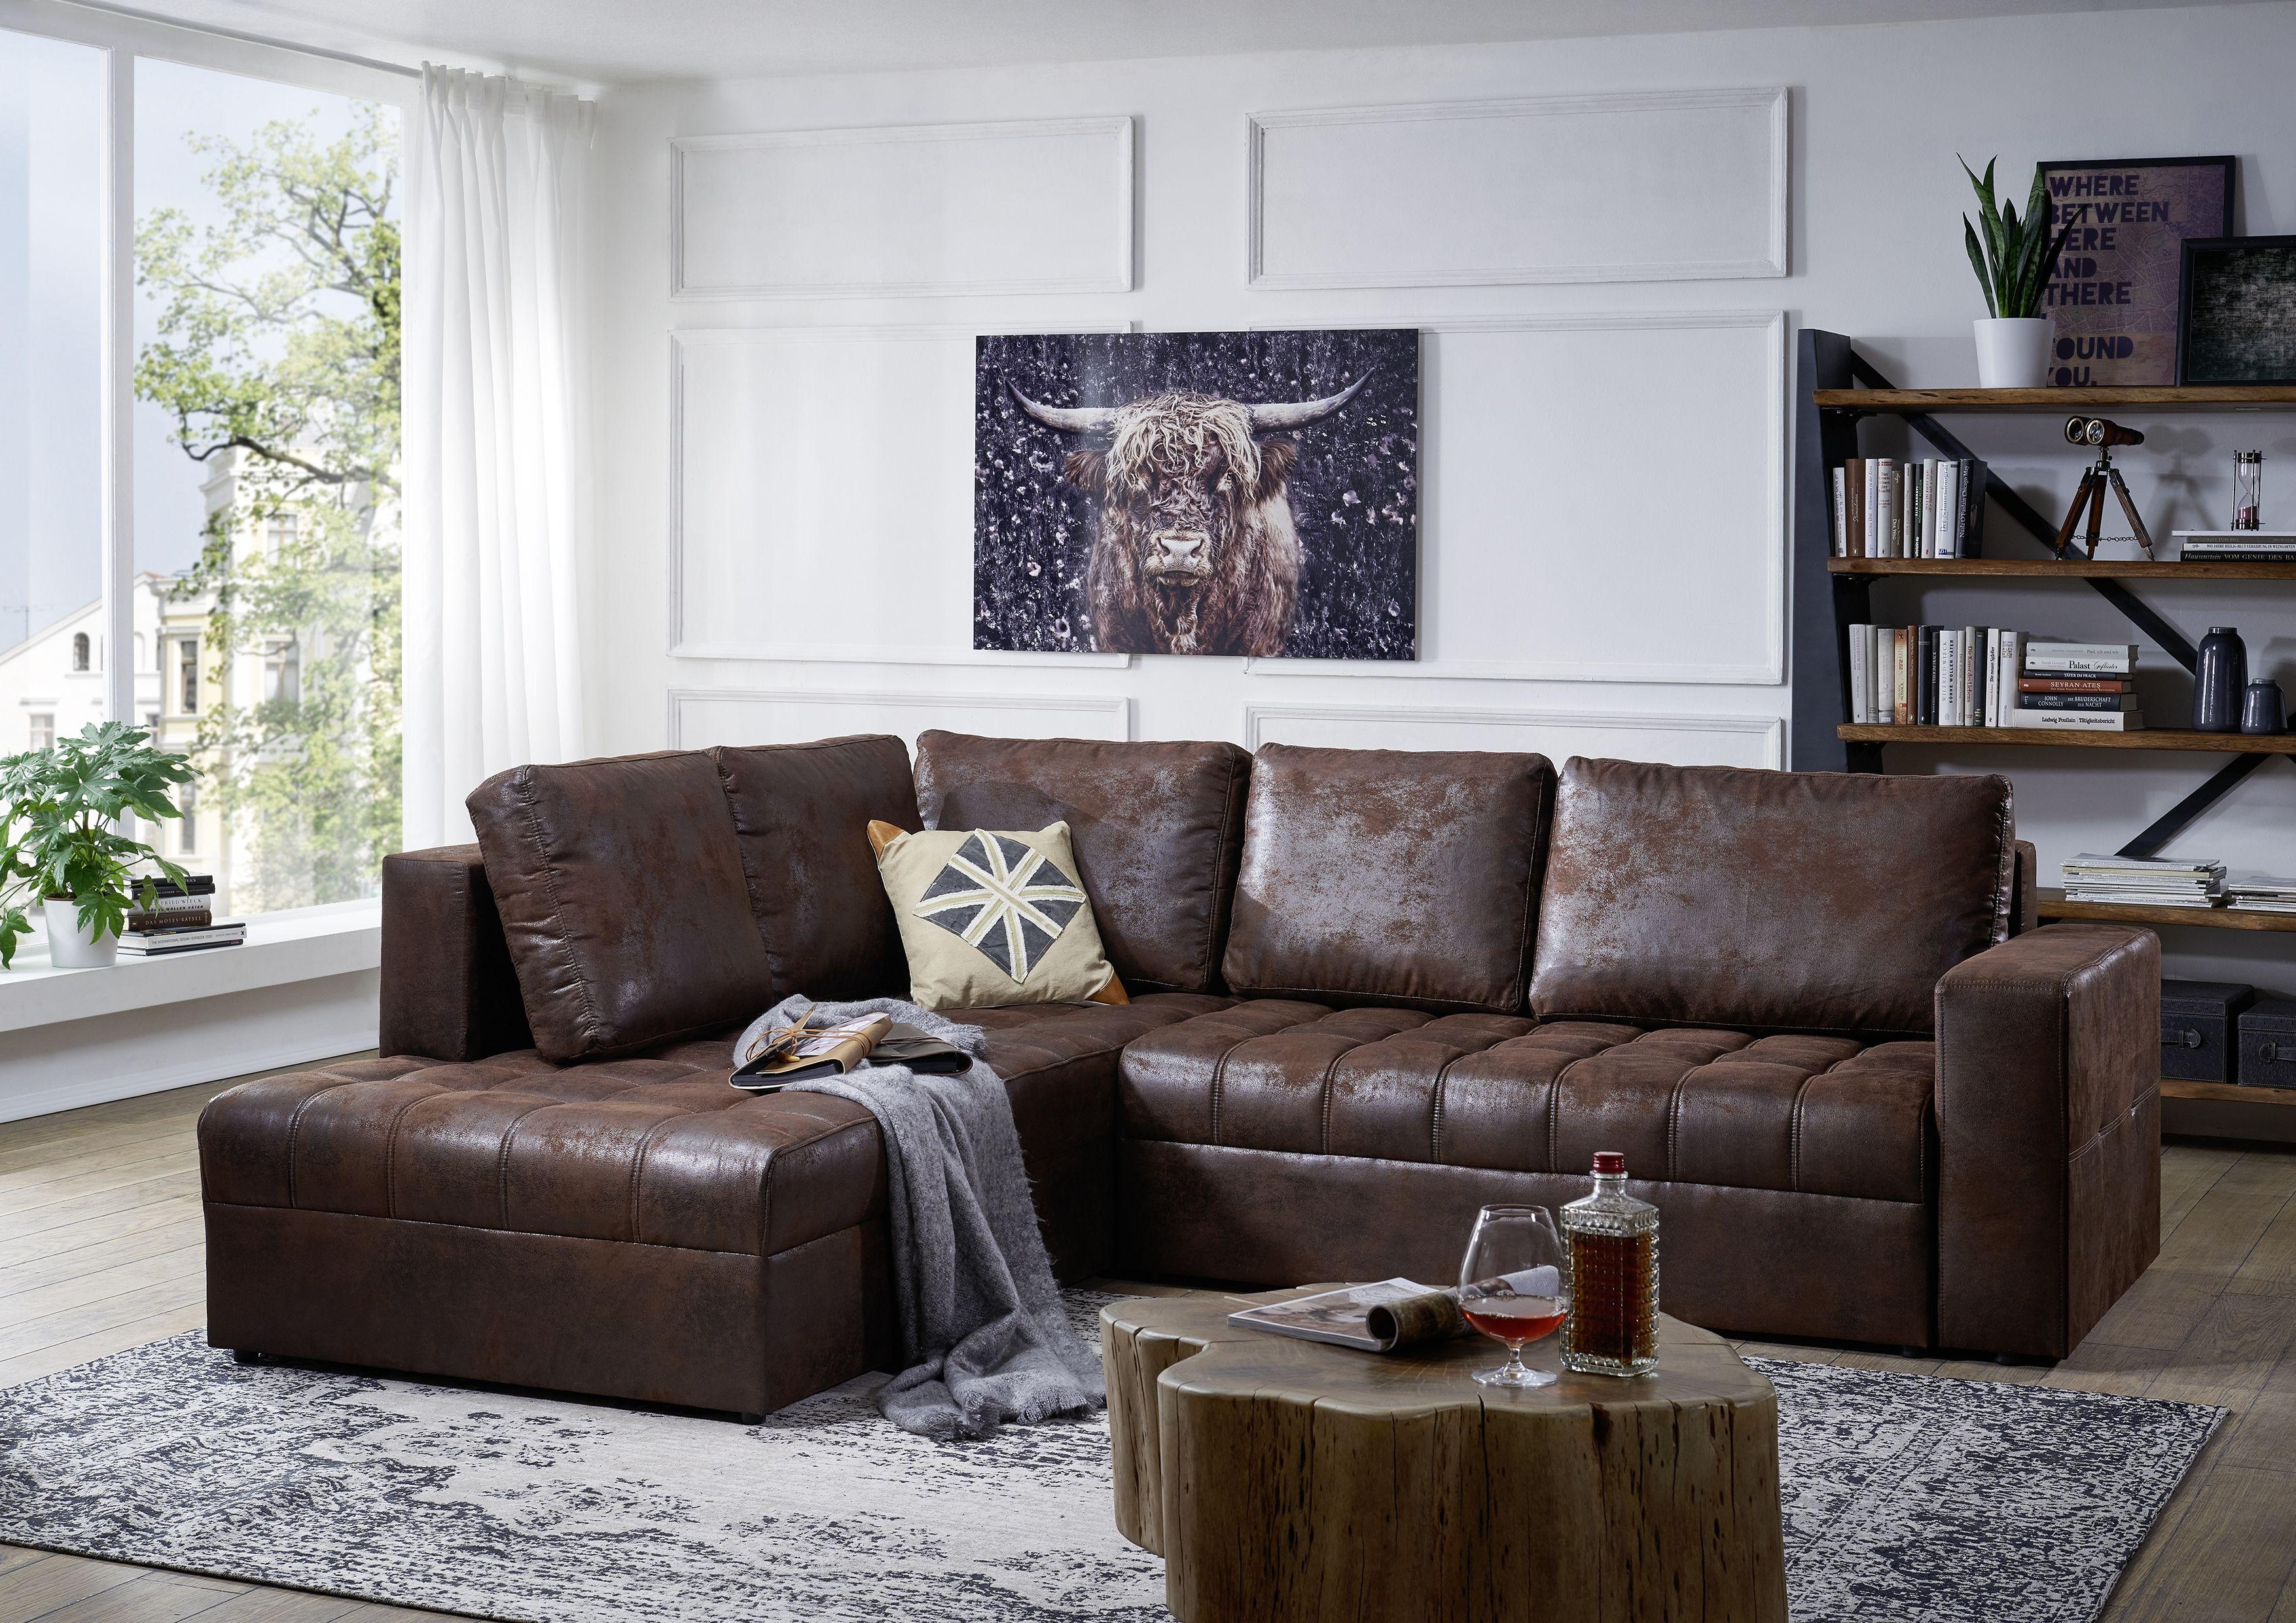 Ein wundervoller Ort zum Entspannen! #möbel #möbelstücke #wohnzimmer ...